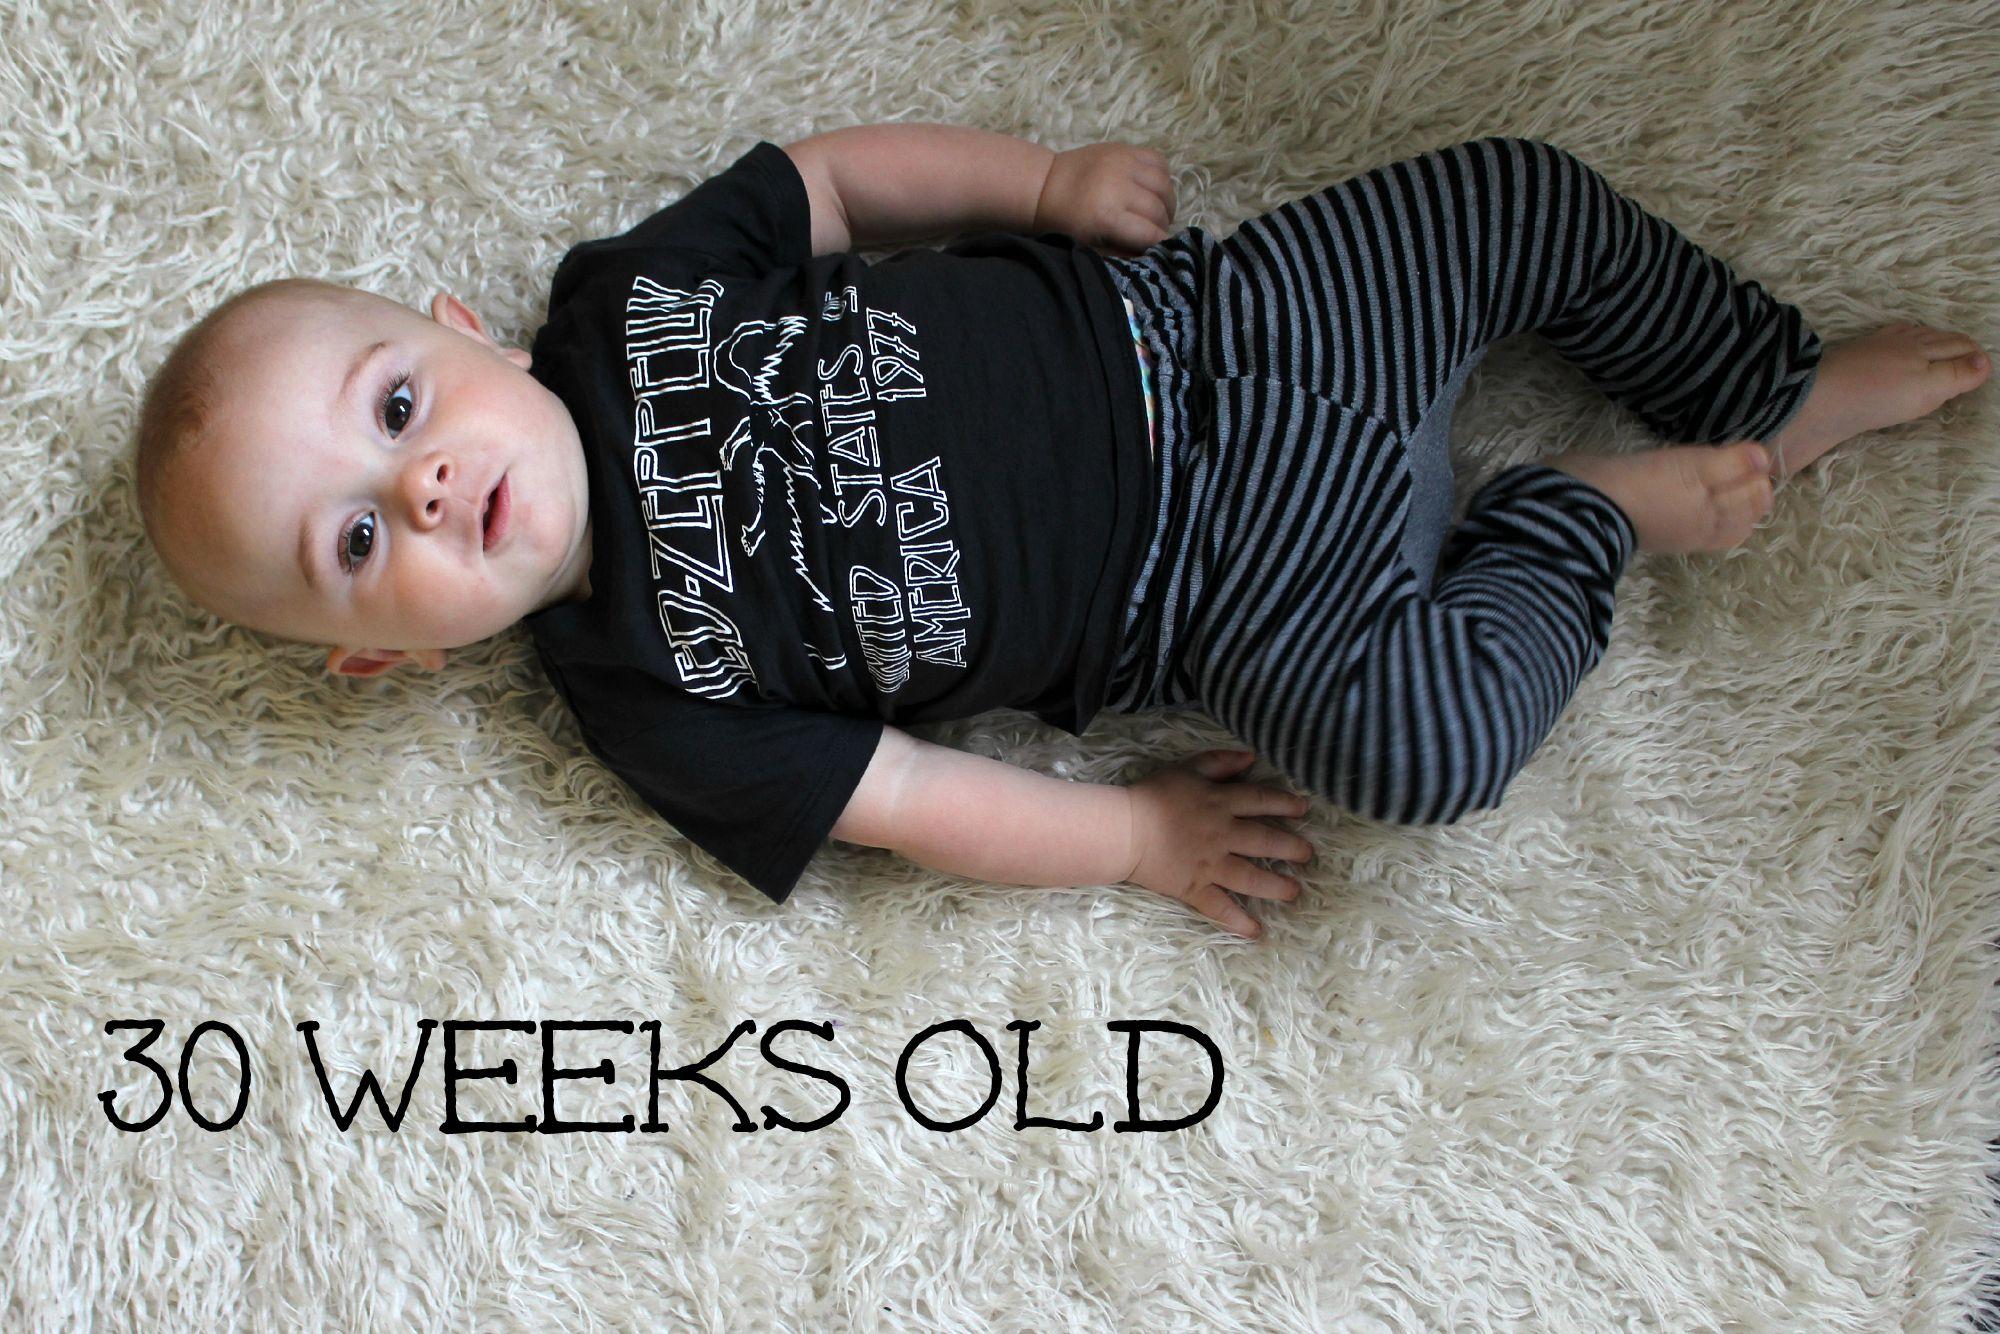 vega 30 weeks old